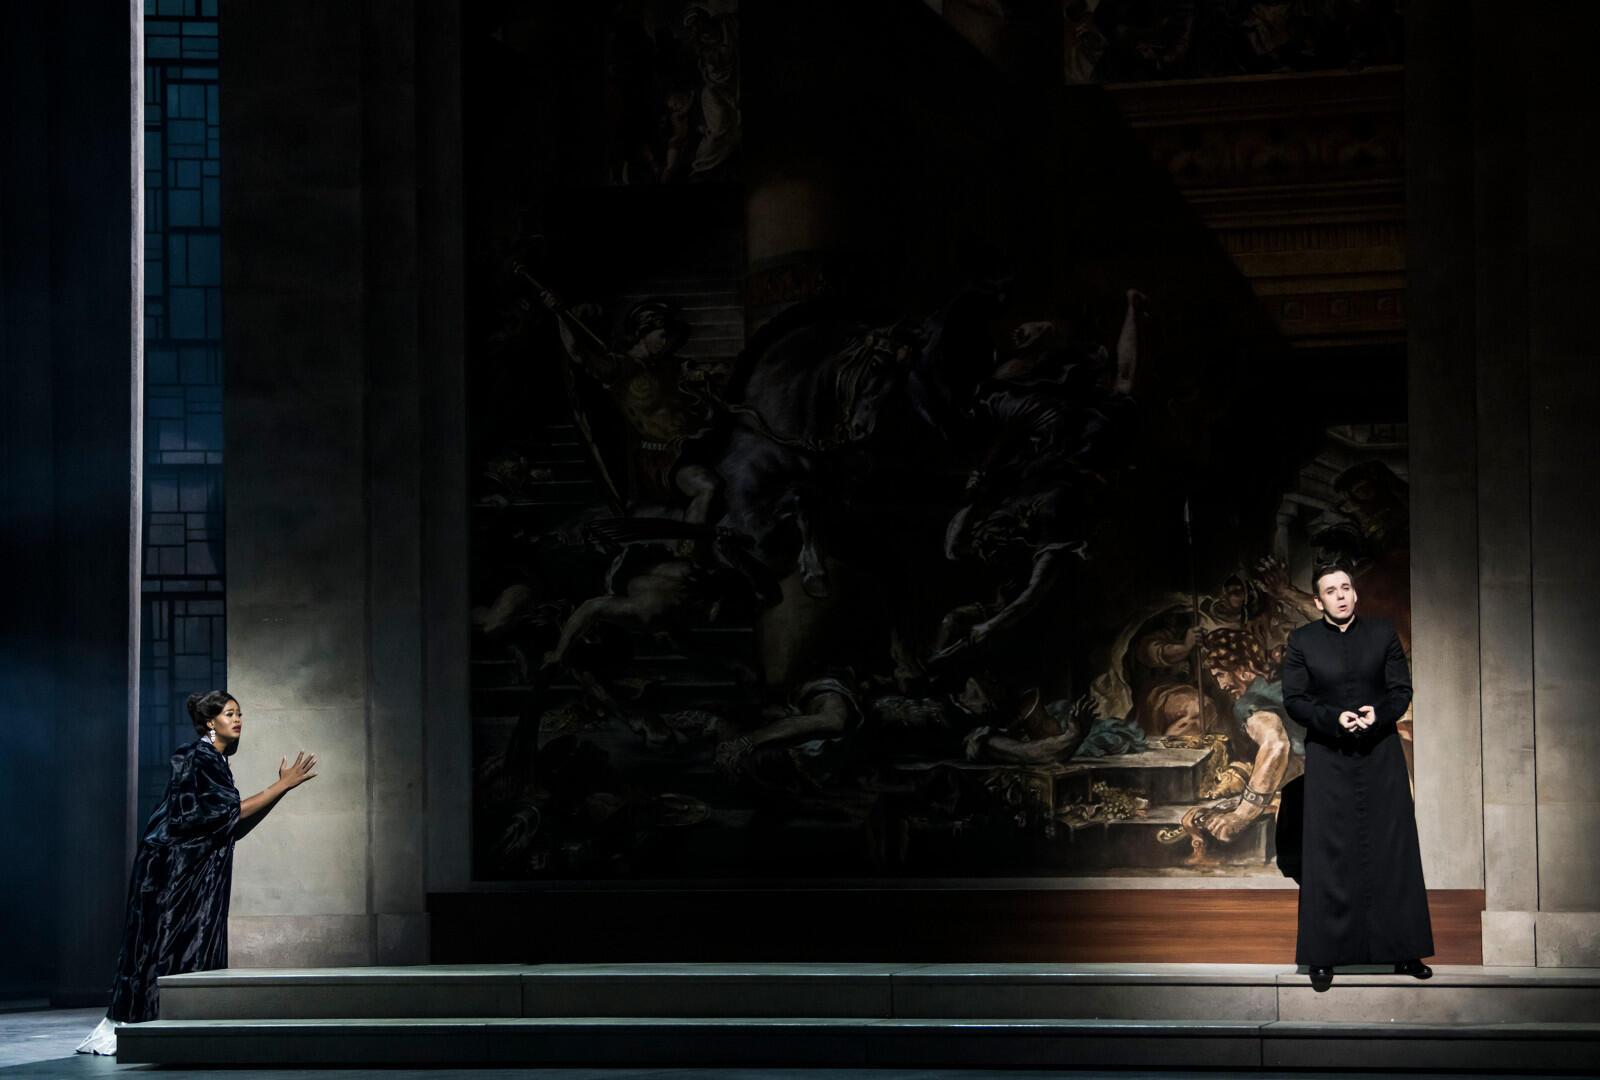 Притти Йенде и Бенжамен Бернхайм: Манон и де Грие, на сцене Парижской оперы, февраль 2020 г,